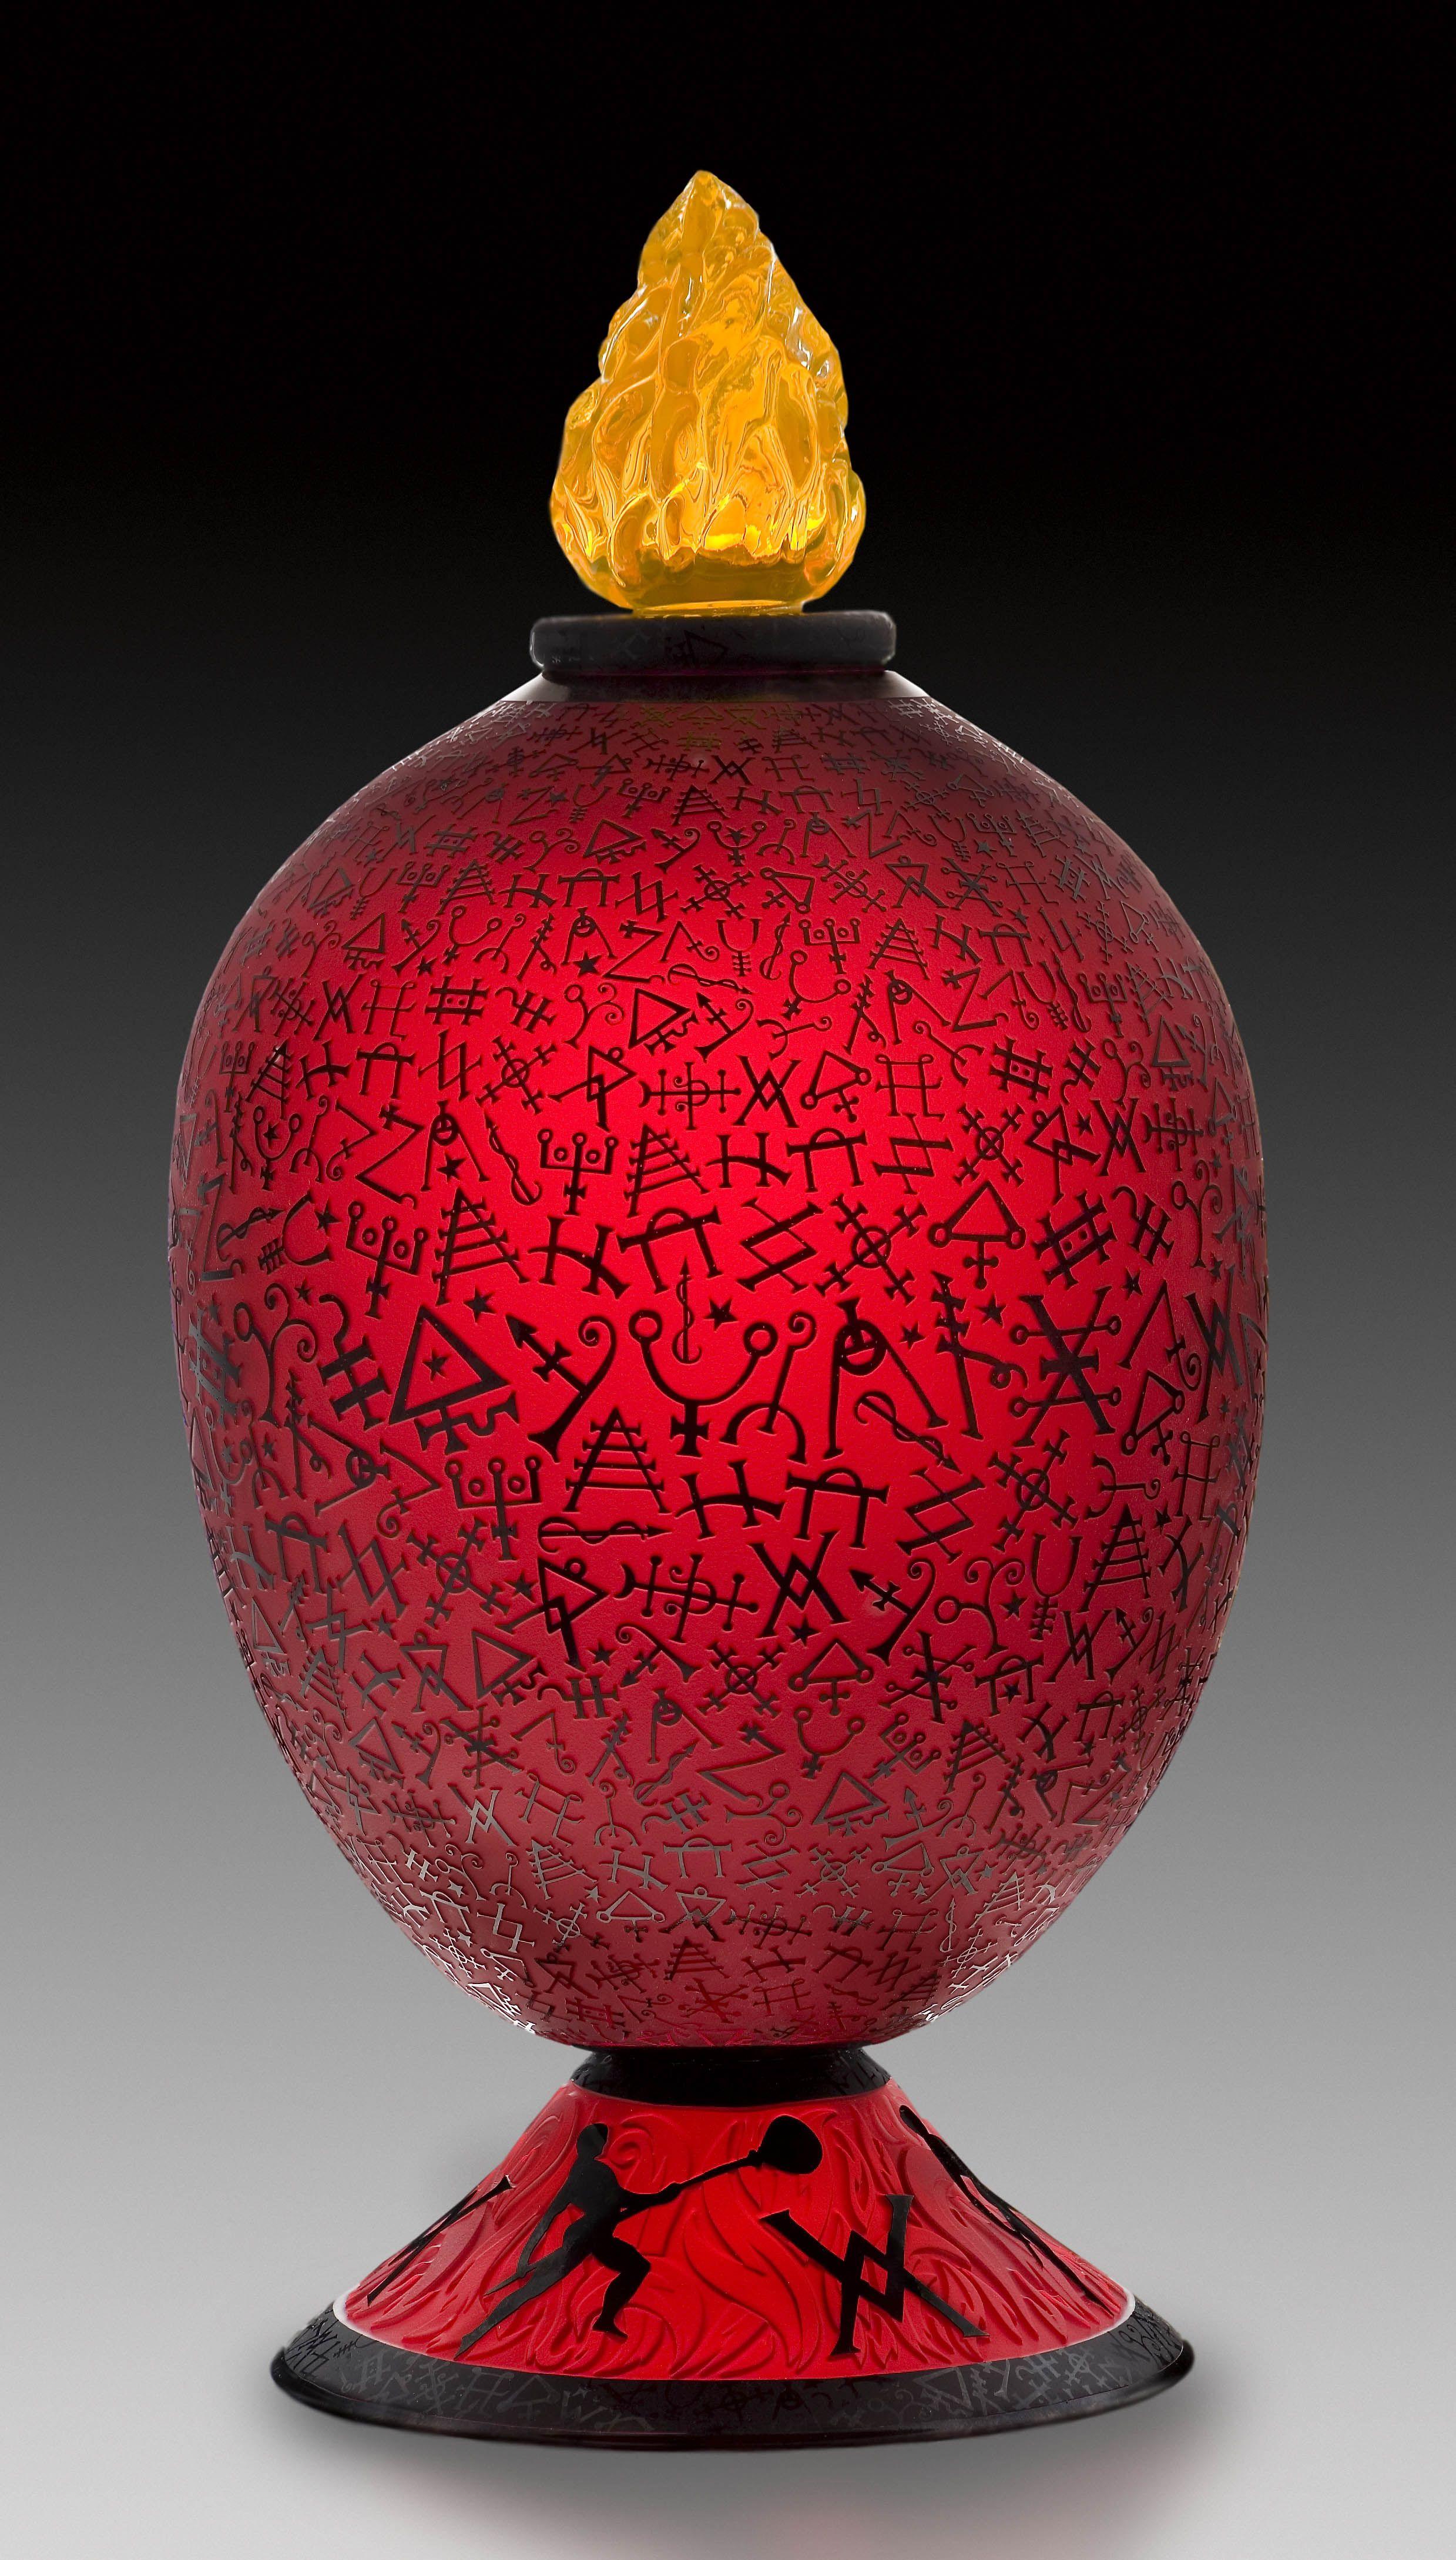 Pin By Zrnsevchenko On Glass Art Vintage Art Glass Glass Artists Glass Art Sculpture